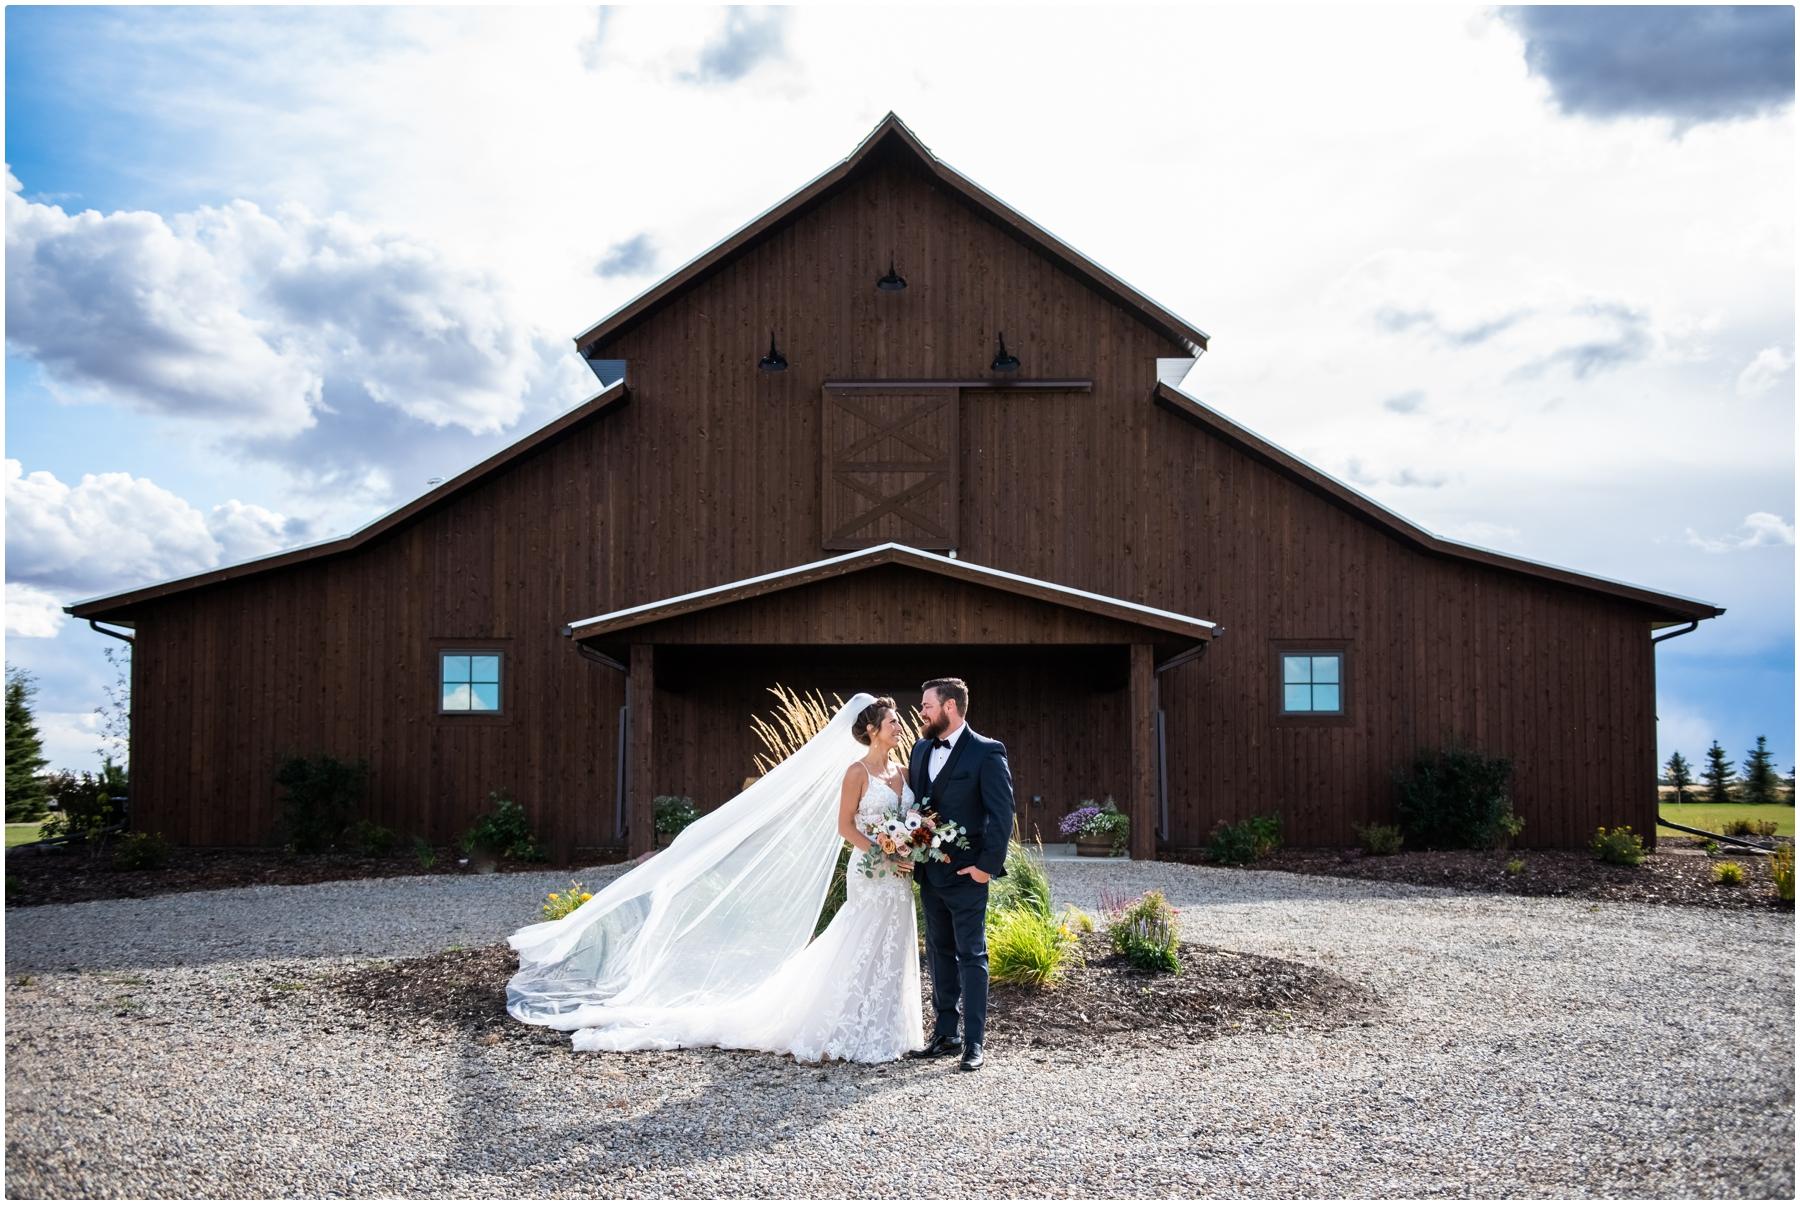 Barn Bride & Groom Photos - Sweet Haven Barn